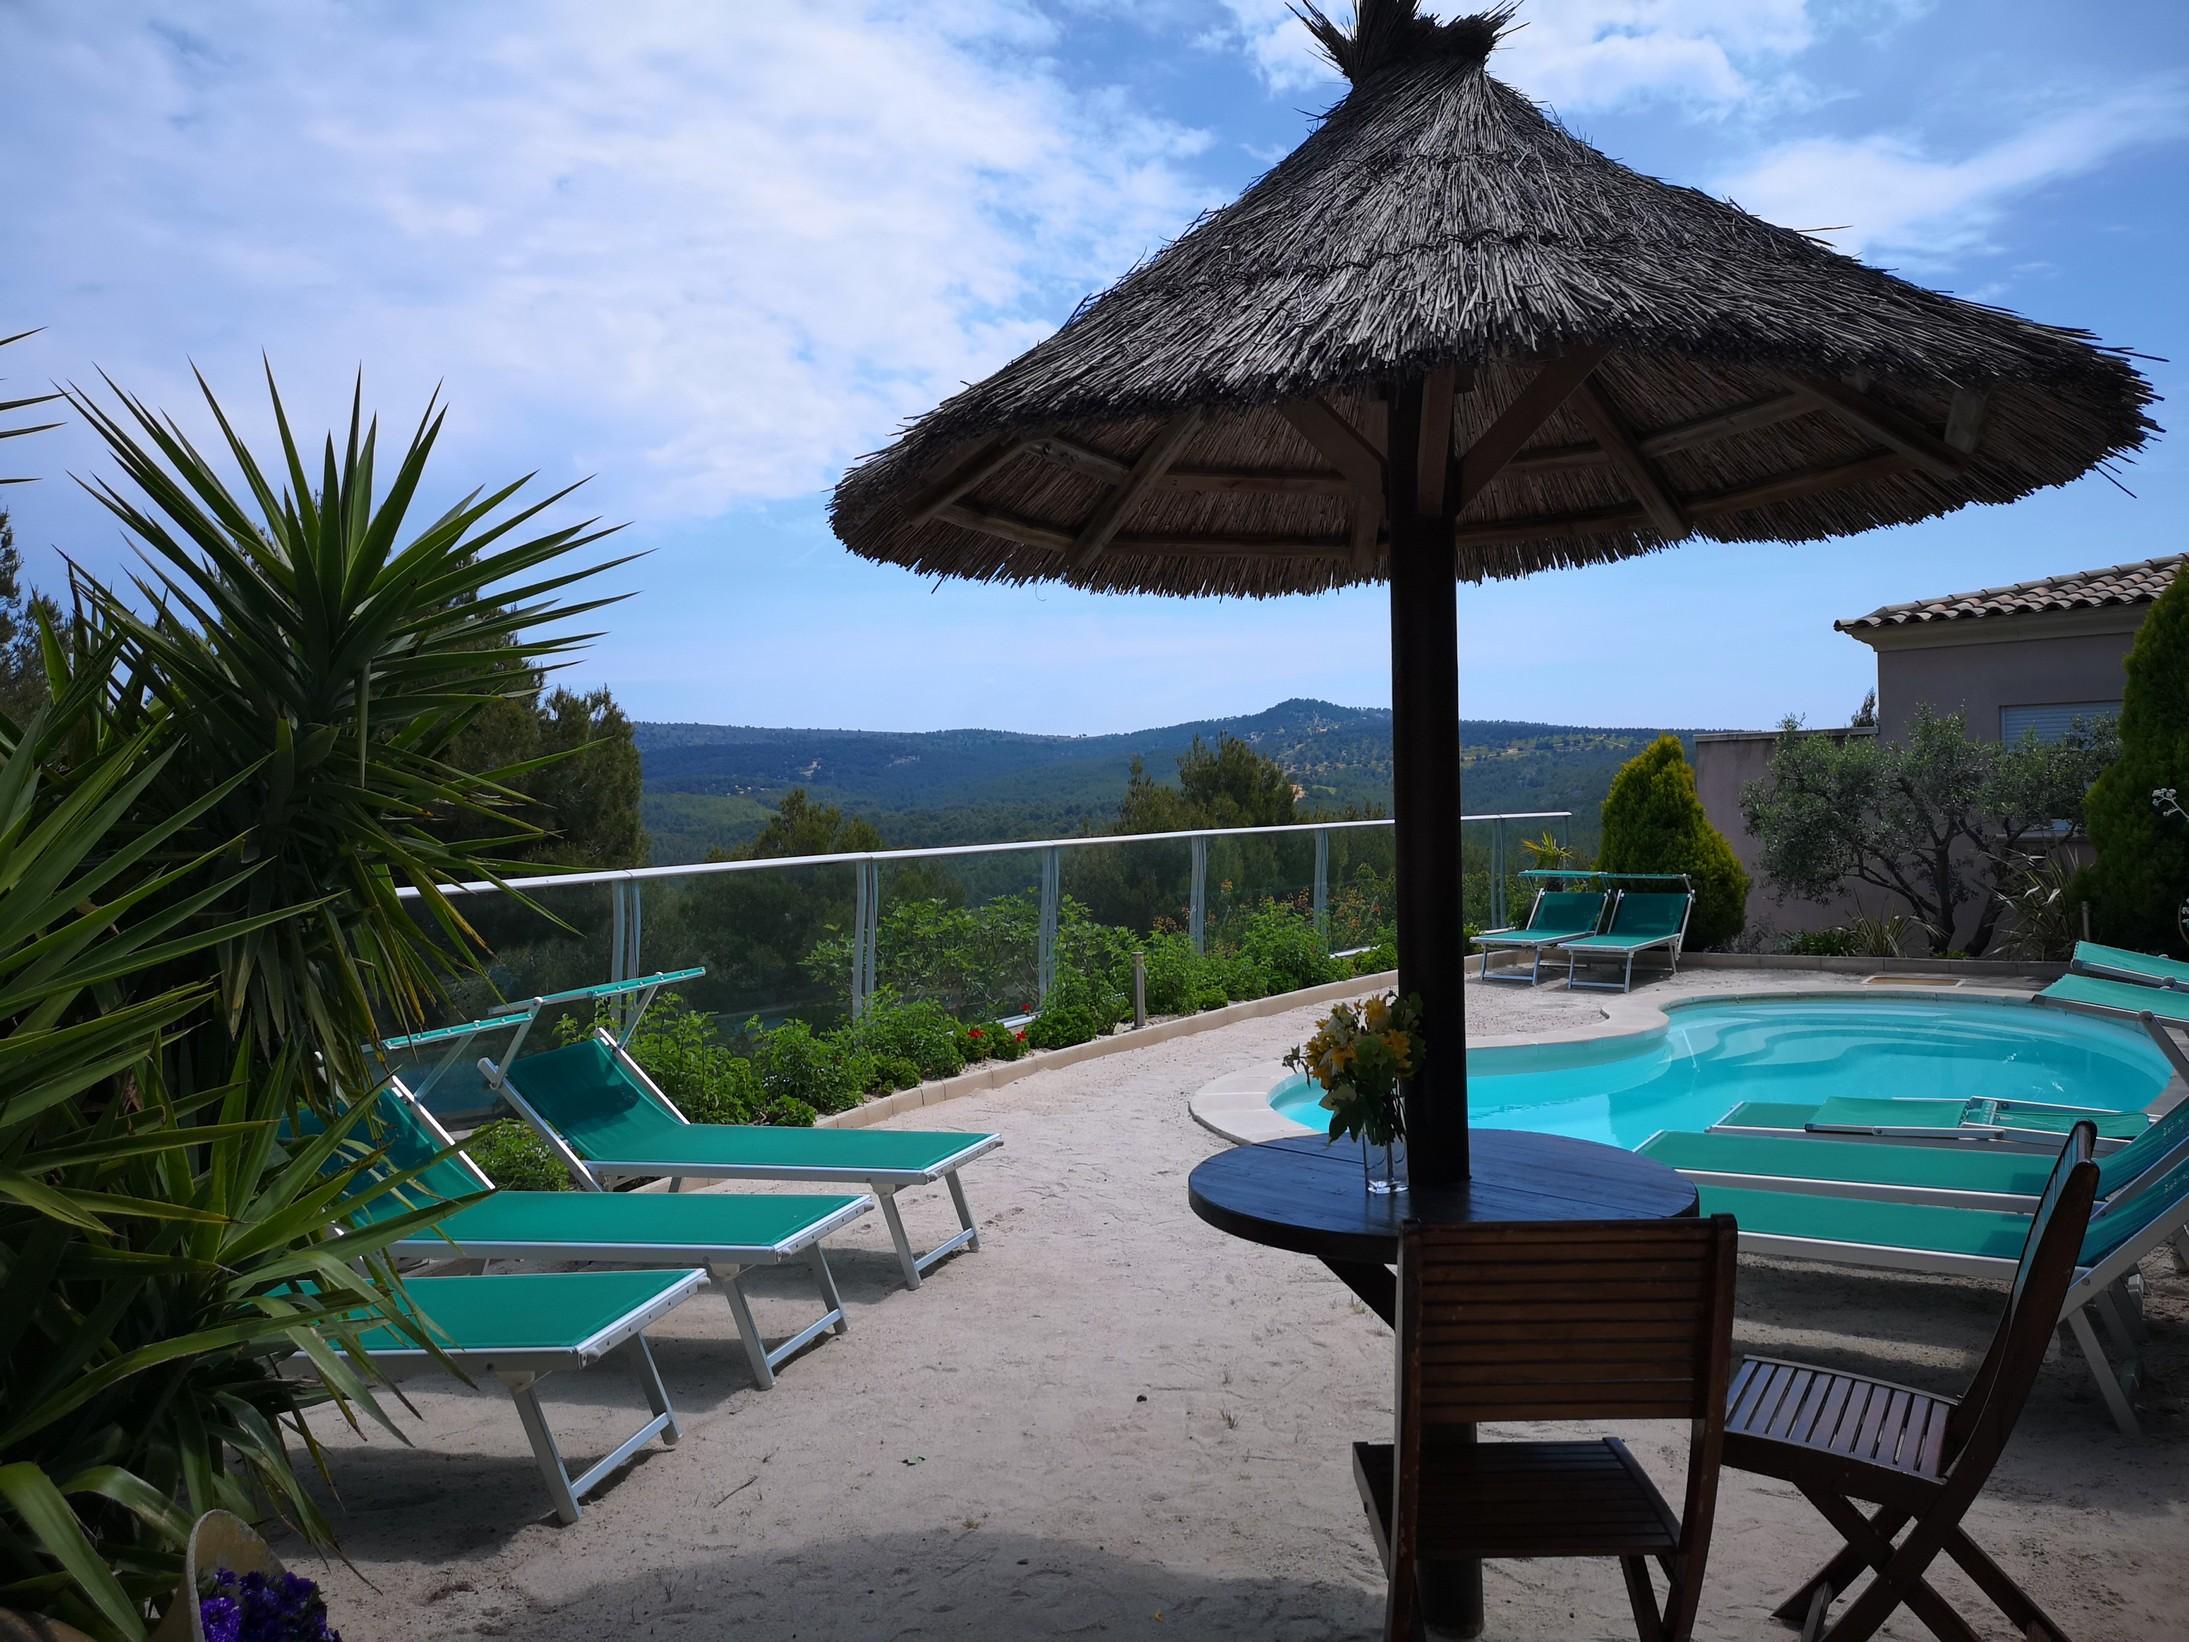 vue piscine chambre d'hôtes à vendre